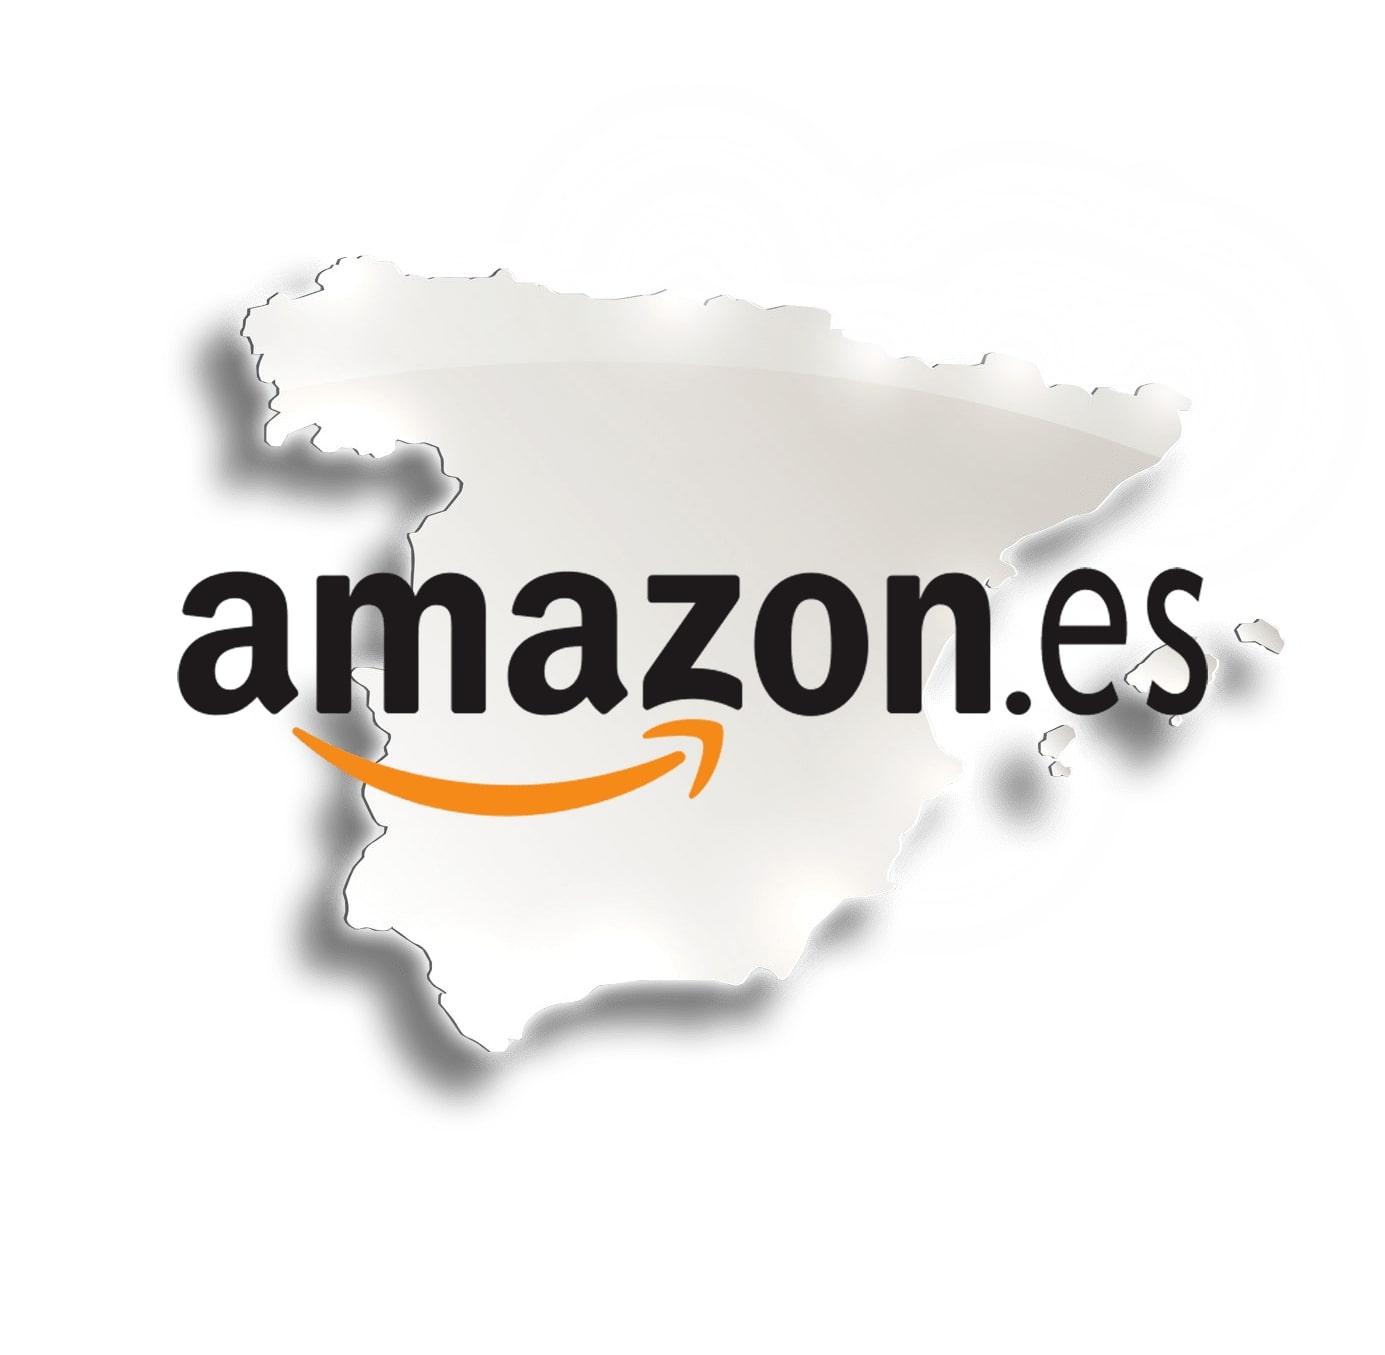 amazon.es-freigestellt-min